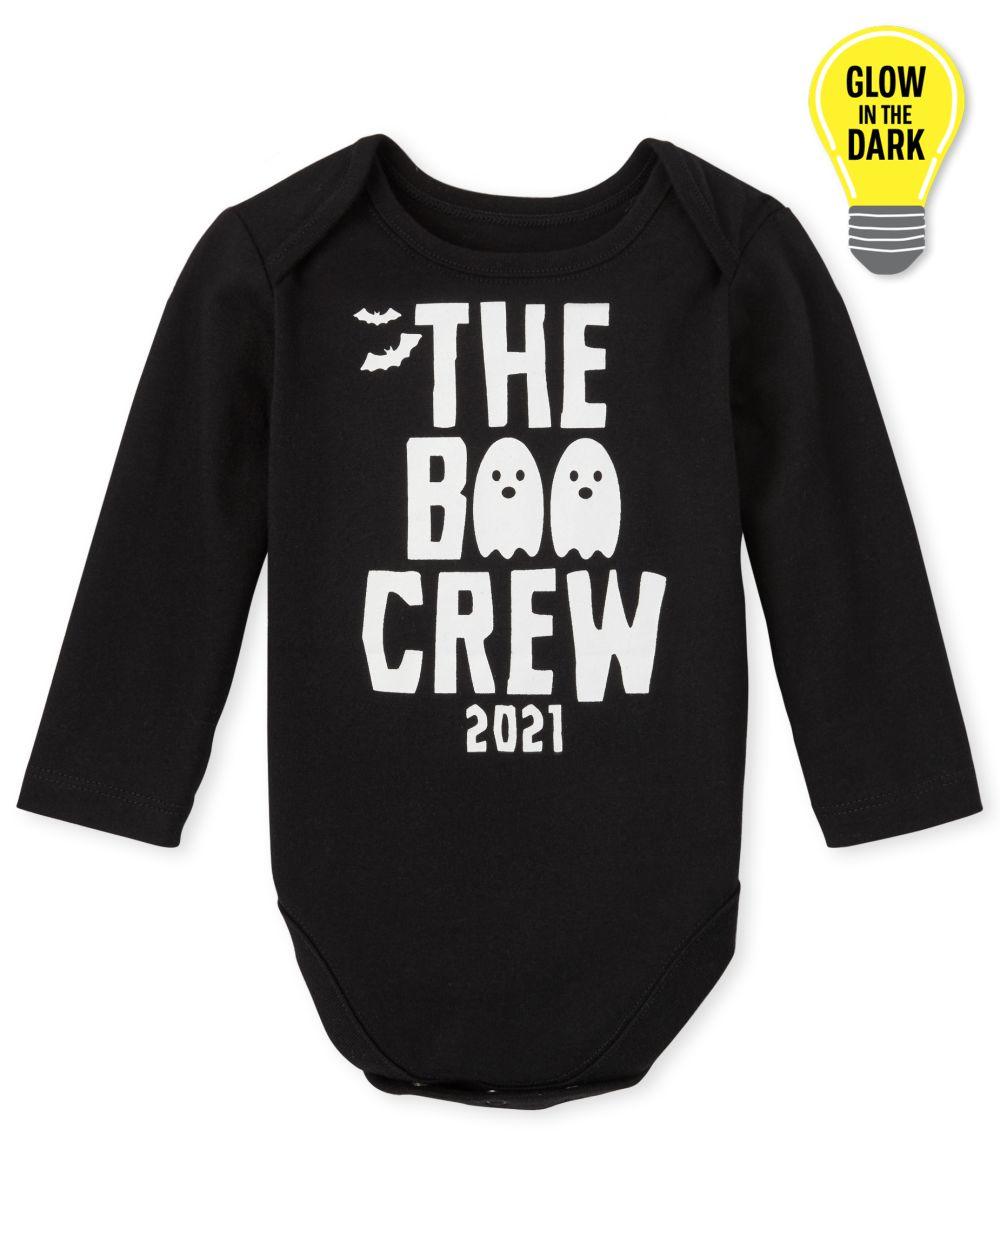 Newborn Unisex Baby Matching Family Glow Boo Crew Graphic Bodysuit - Black